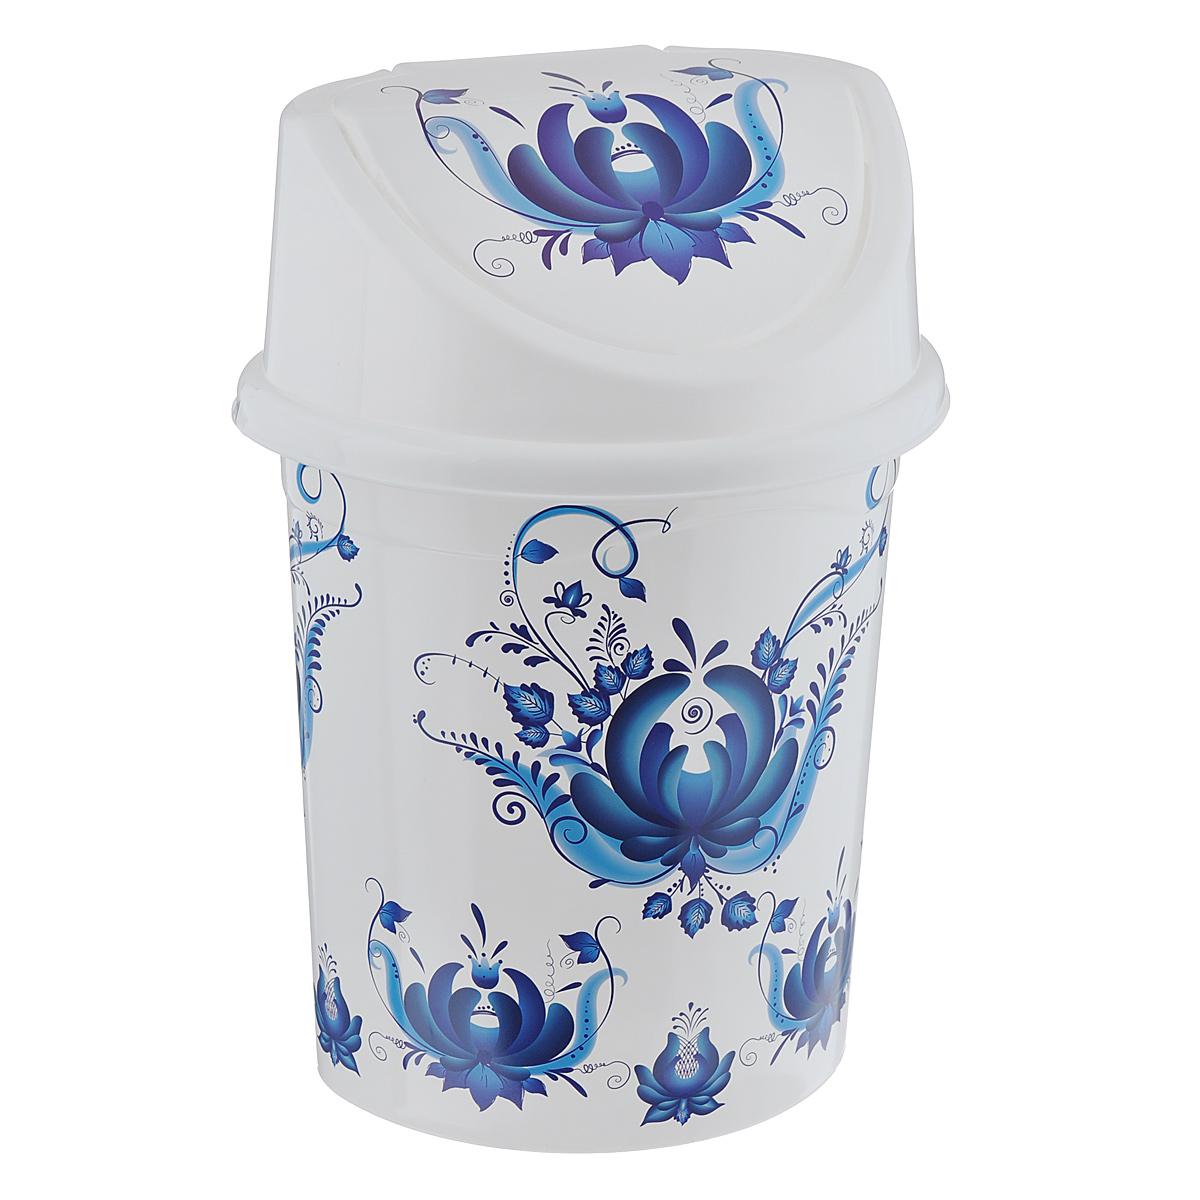 Контейнер для мусора Violet Гжель, цвет: белый, синий, 8 л68/5/3Контейнер для мусора Violet Гжель изготовлен из прочного пластика. Контейнер снабжен удобной съемной крышкой с подвижной перегородкой.Благодаря стильному дизайну такой контейнер идеально украсит интерьер и дома, и офиса.Размер изделия: 21 см x 26 см x 36 см.